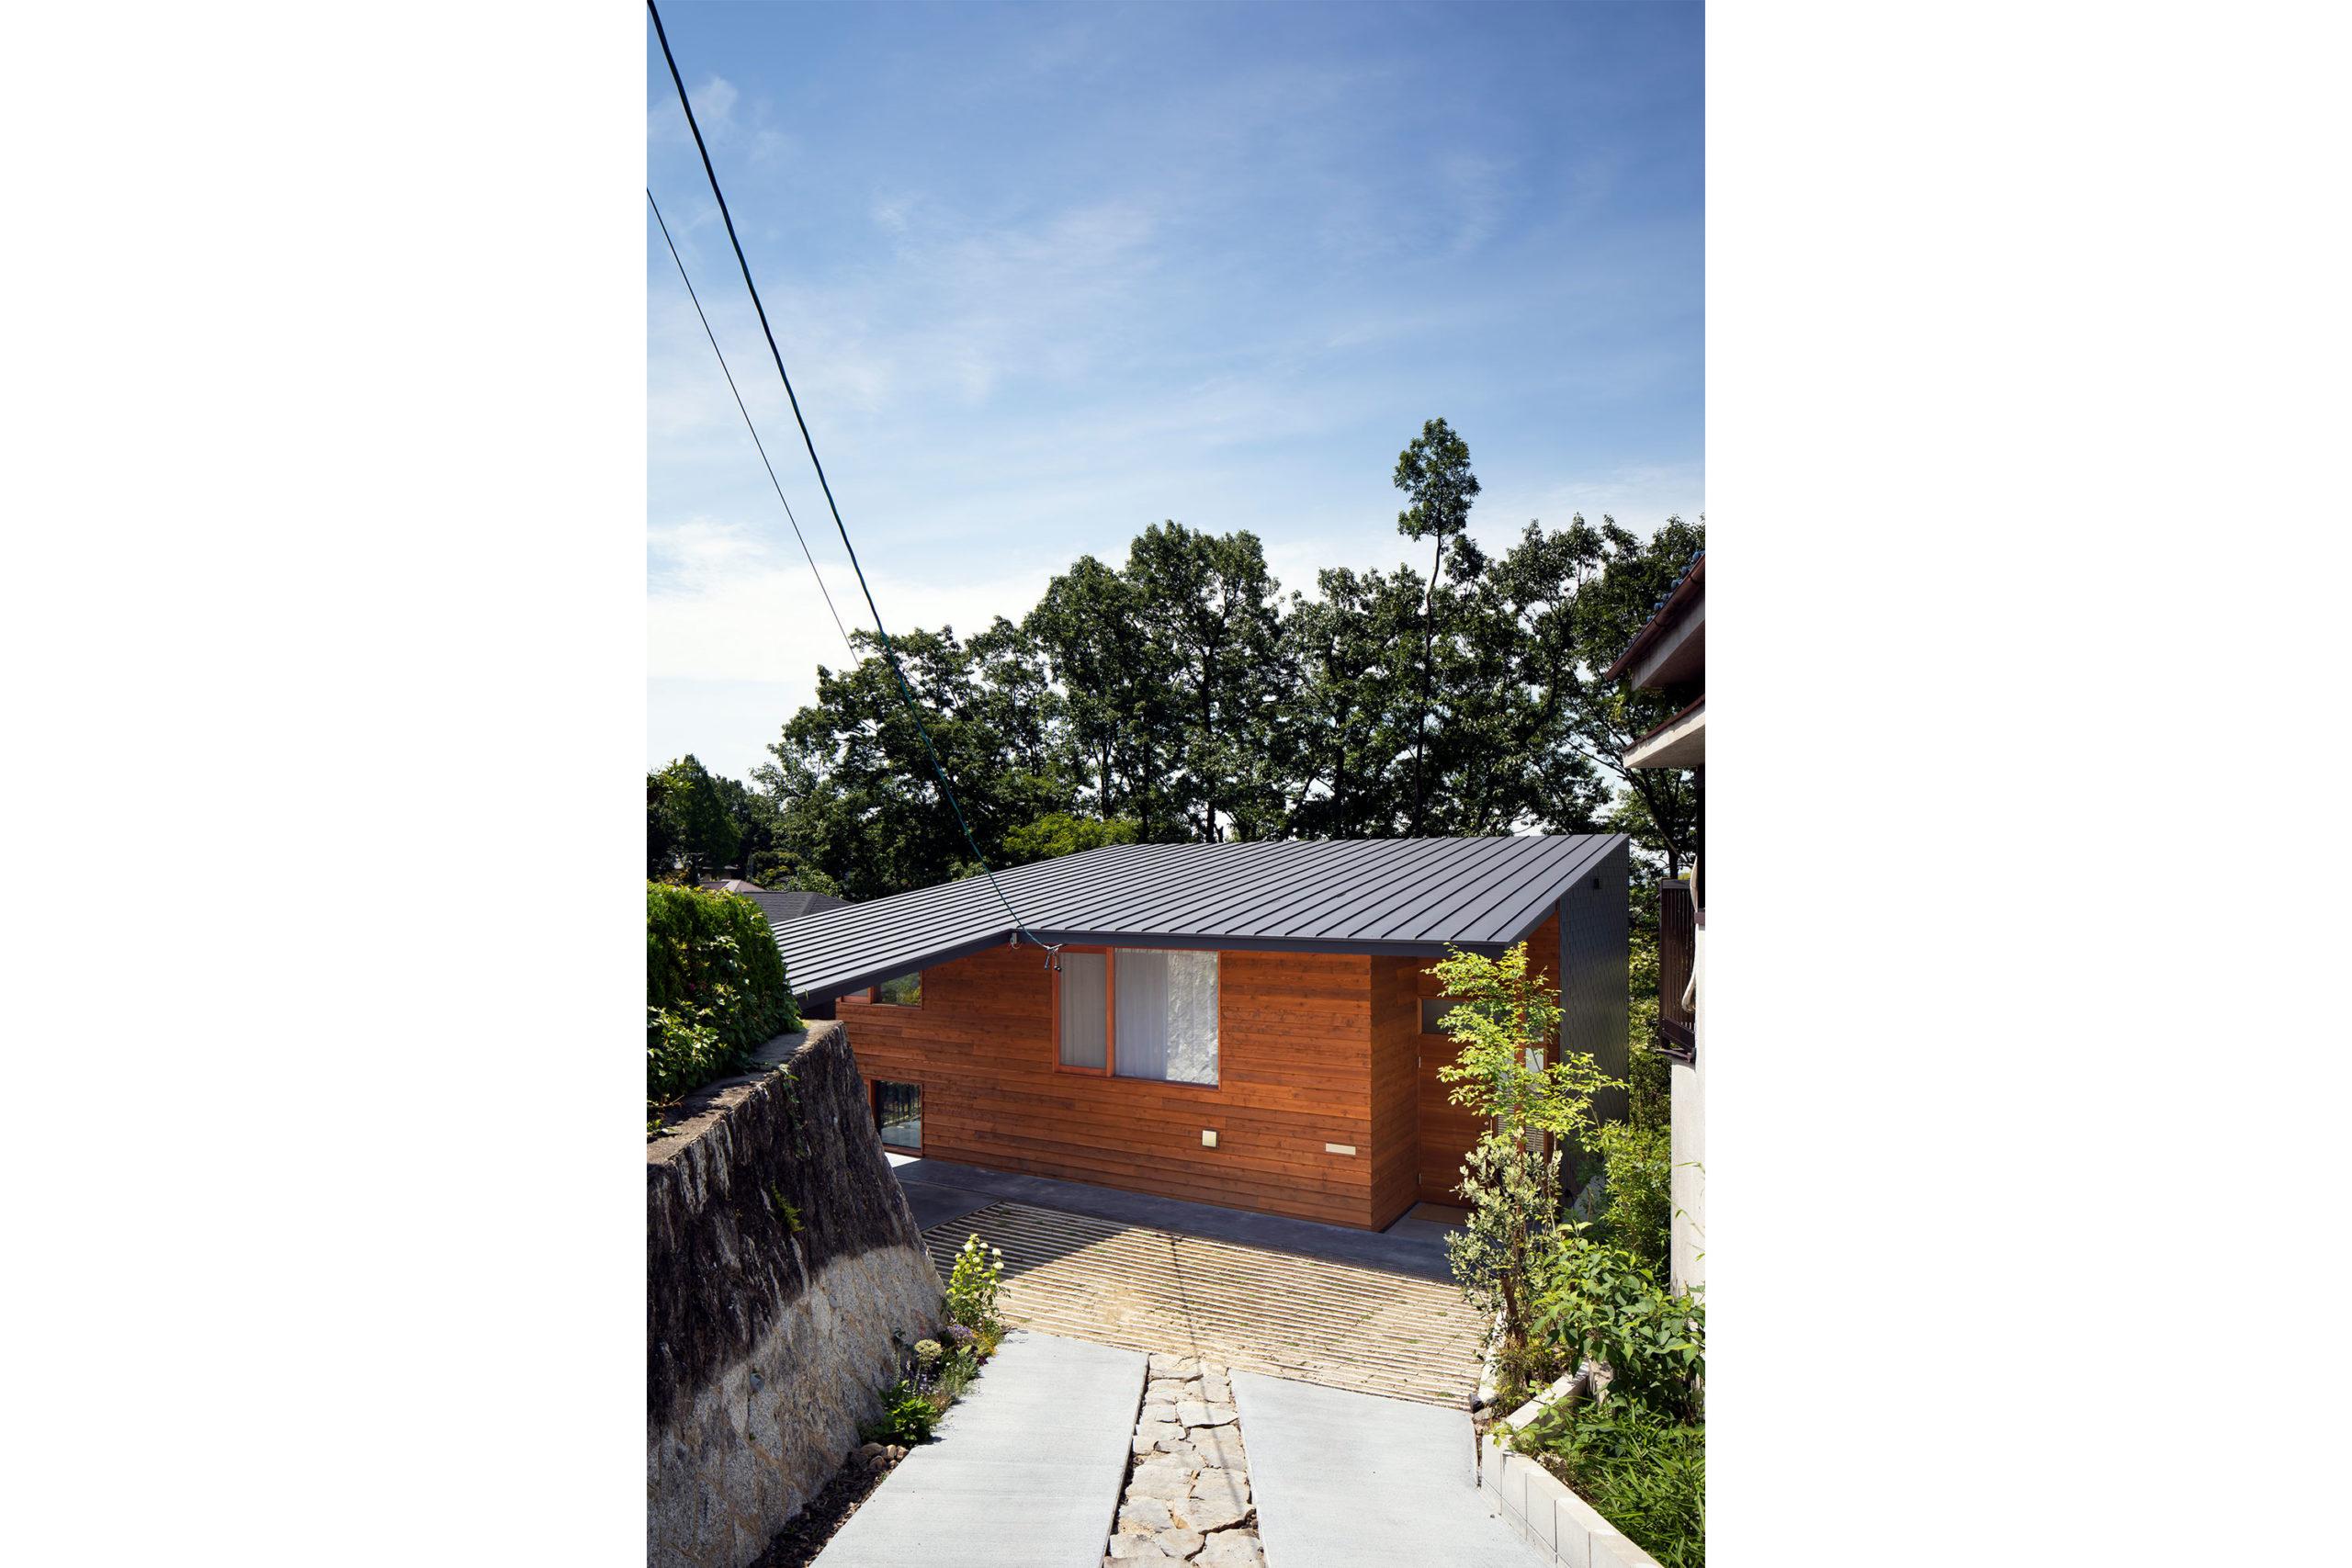 森に棲む家02 名古屋市 Natureスペース施工事例